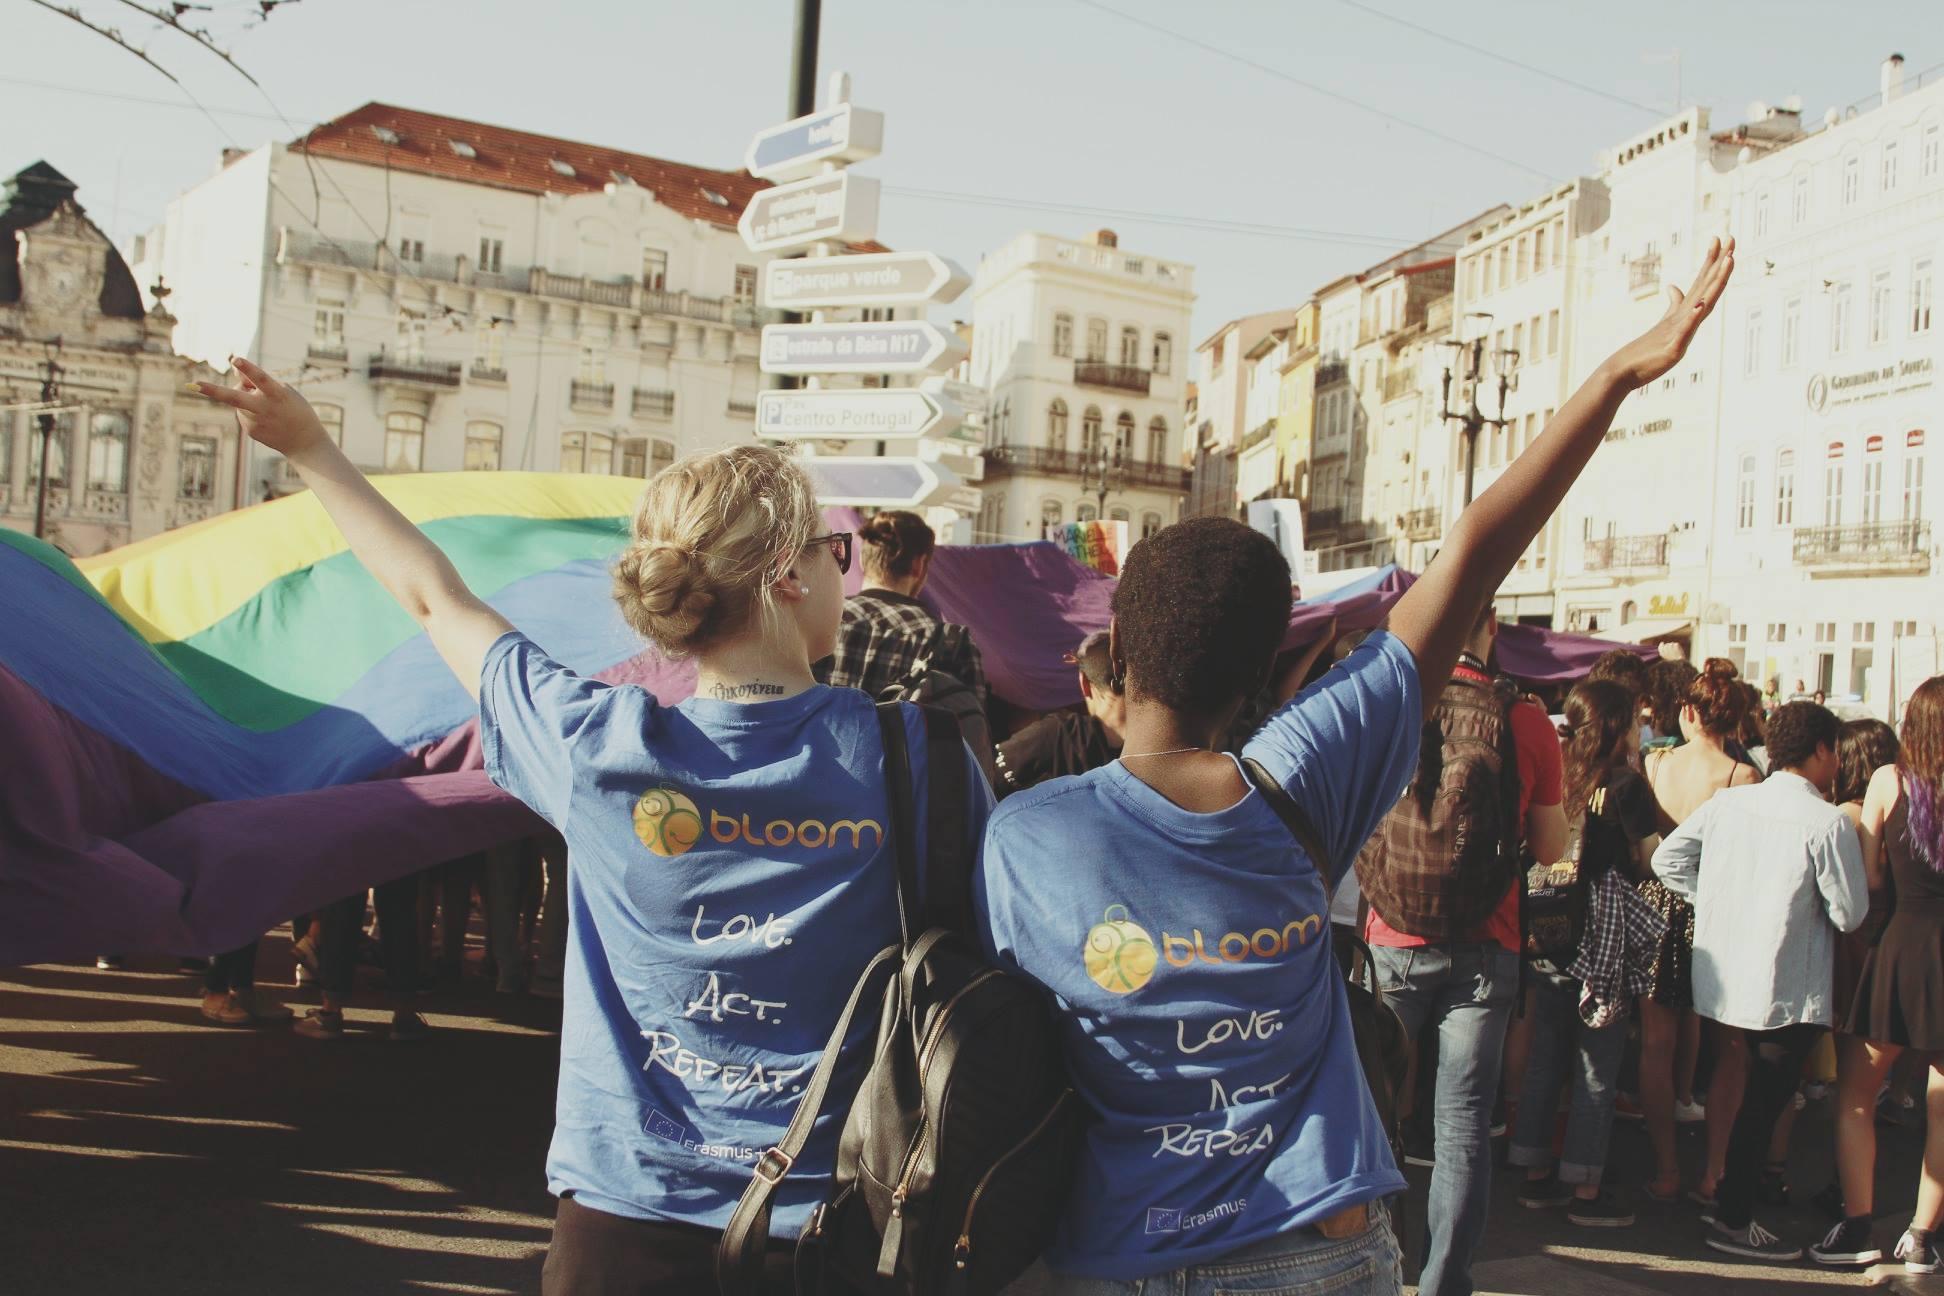 volunteer project: On the way to BLOOM - APAFF Associação Protecção Animal da Figueira da Foz photo 2